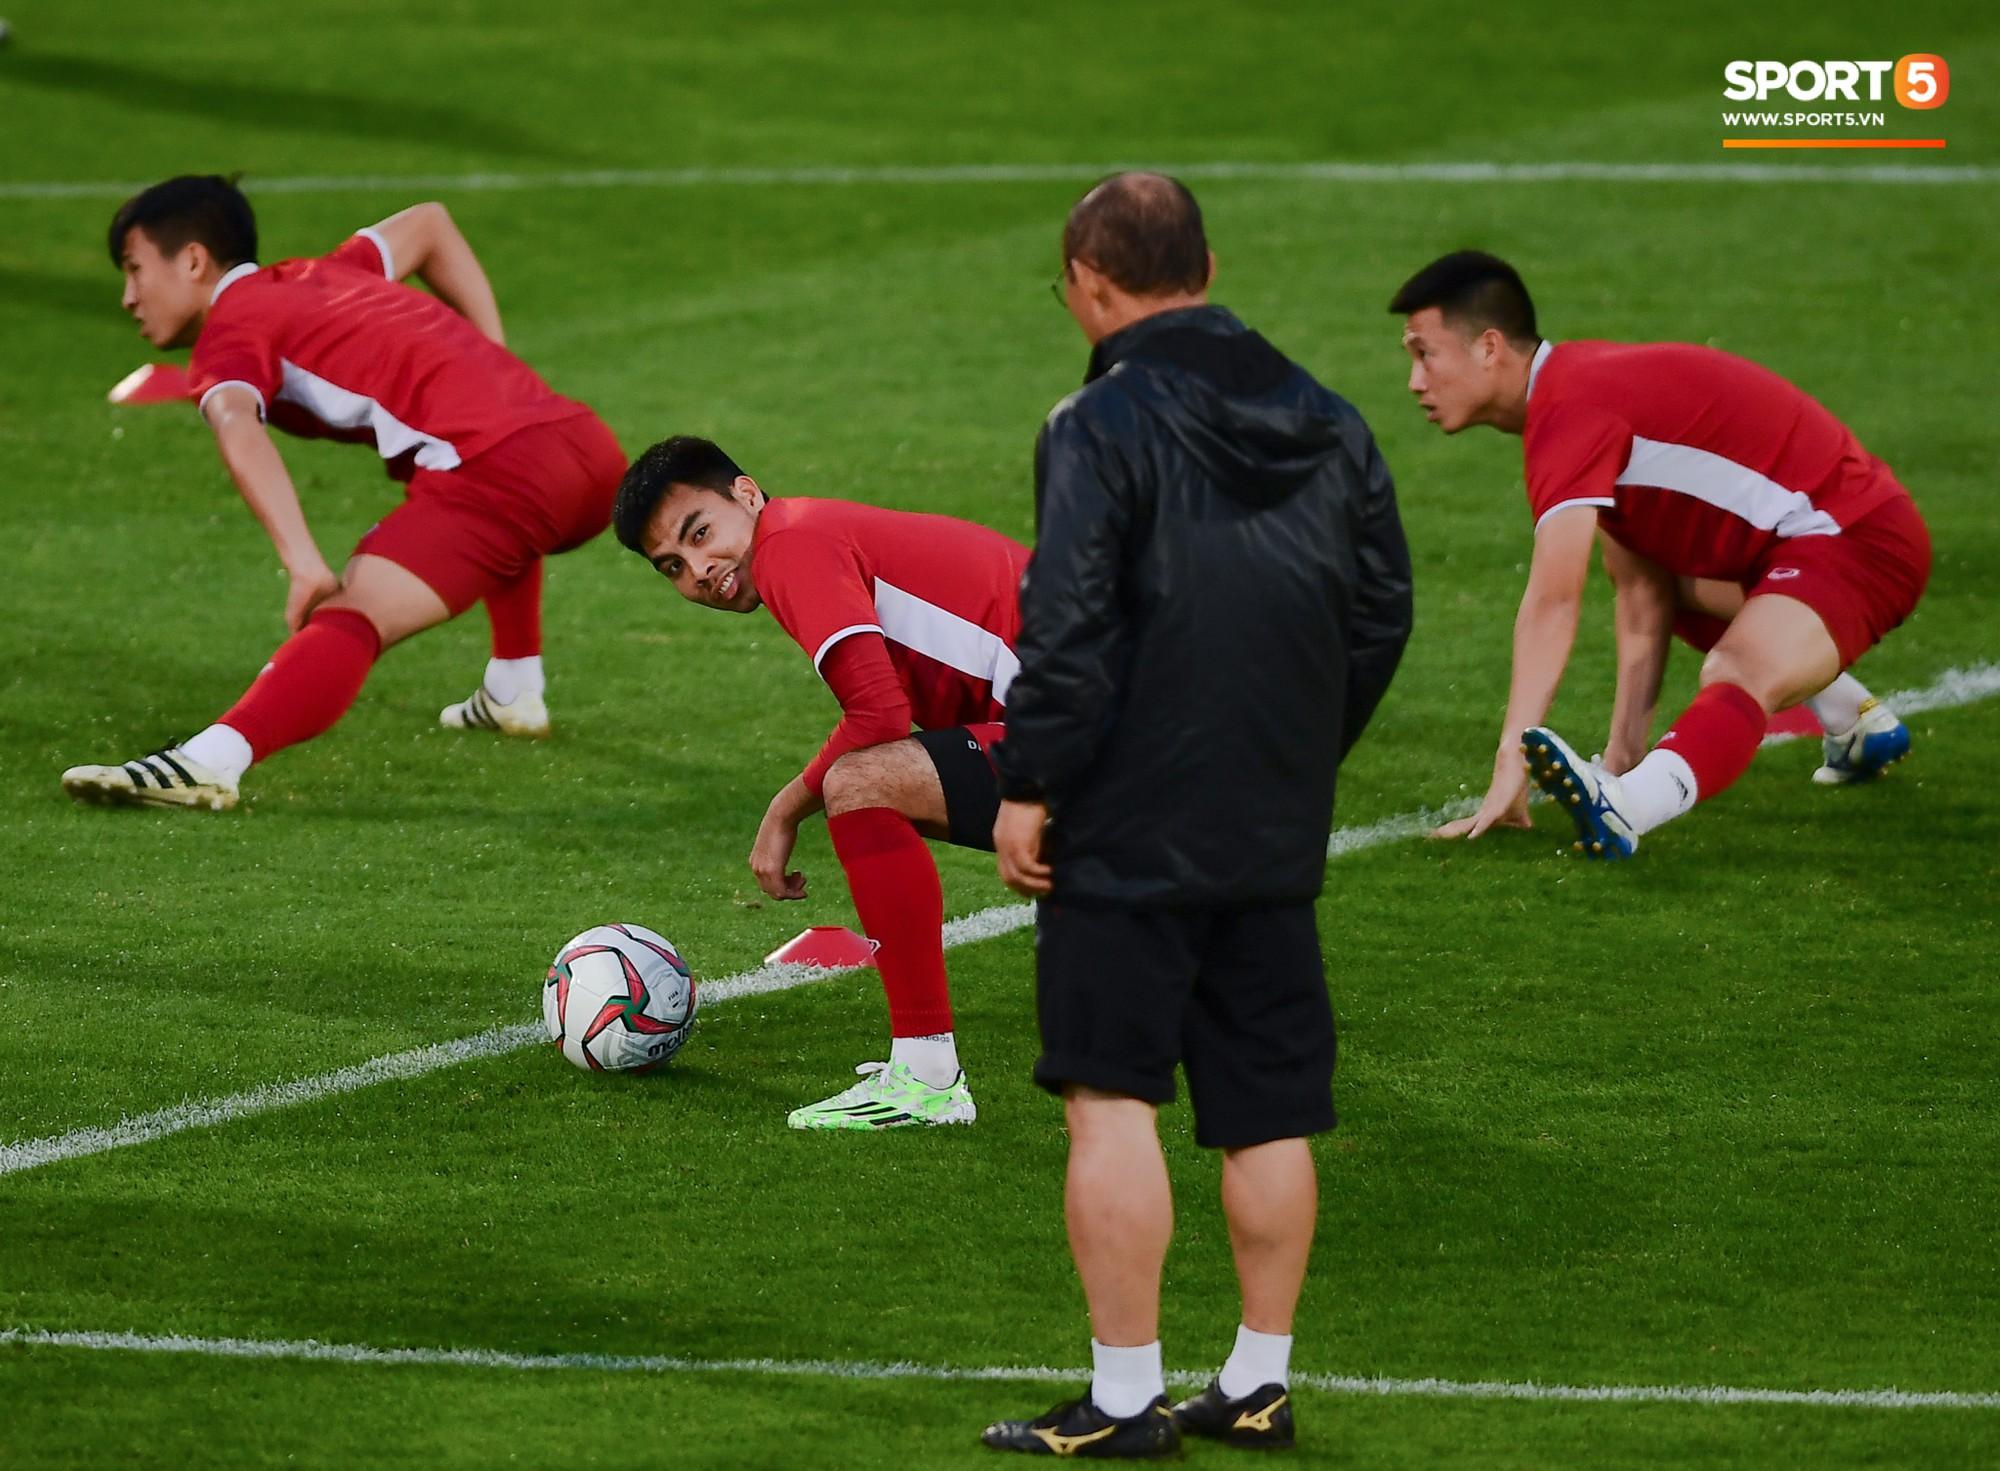 Xuân Trường cười tỏa nắng trong buổi tập trước trận ra quân tại Asian Cup 2019-11